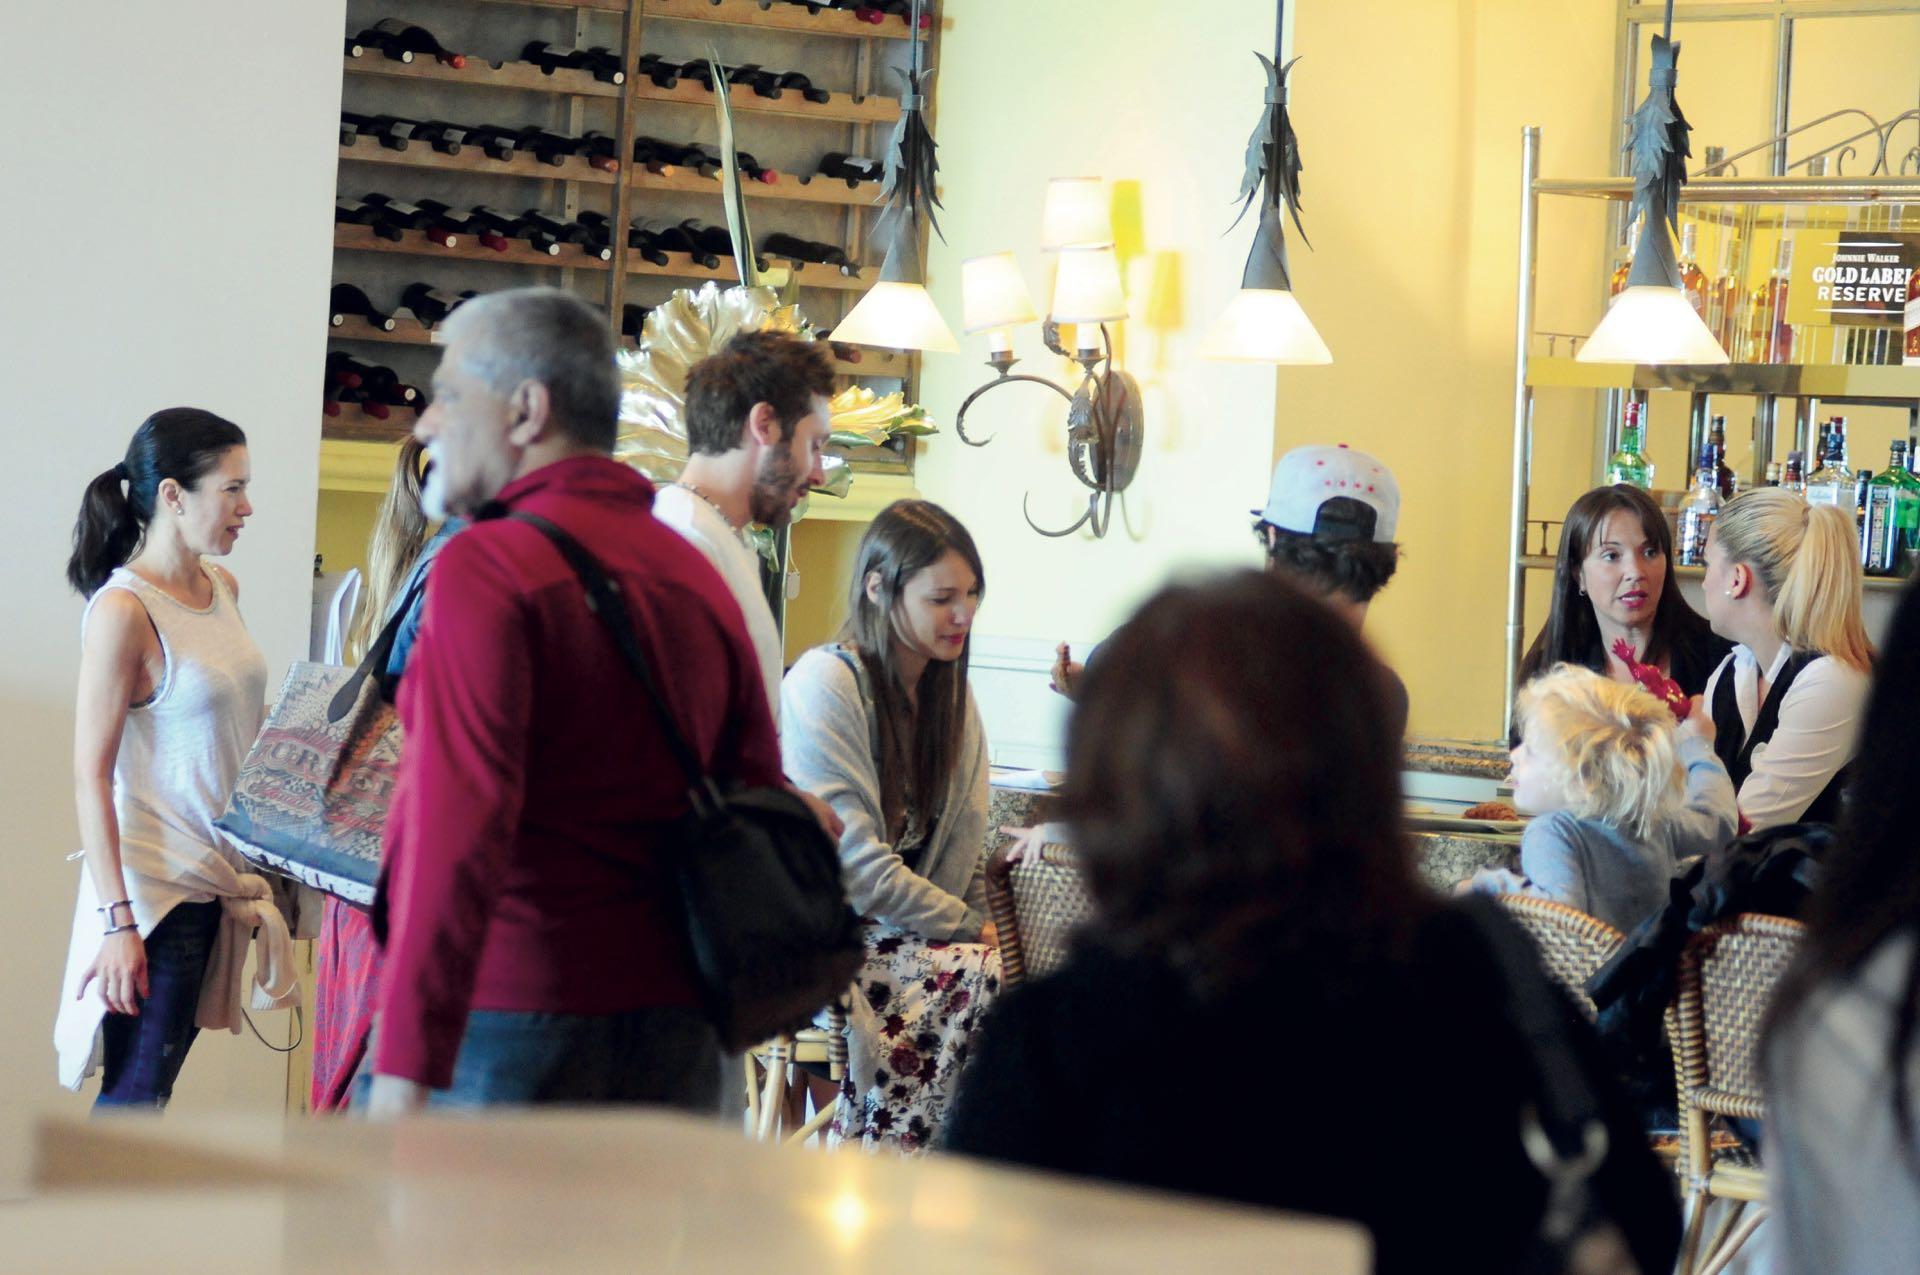 En el restaurante Las Brisas se vivió, en total armonía, una escena inédita.